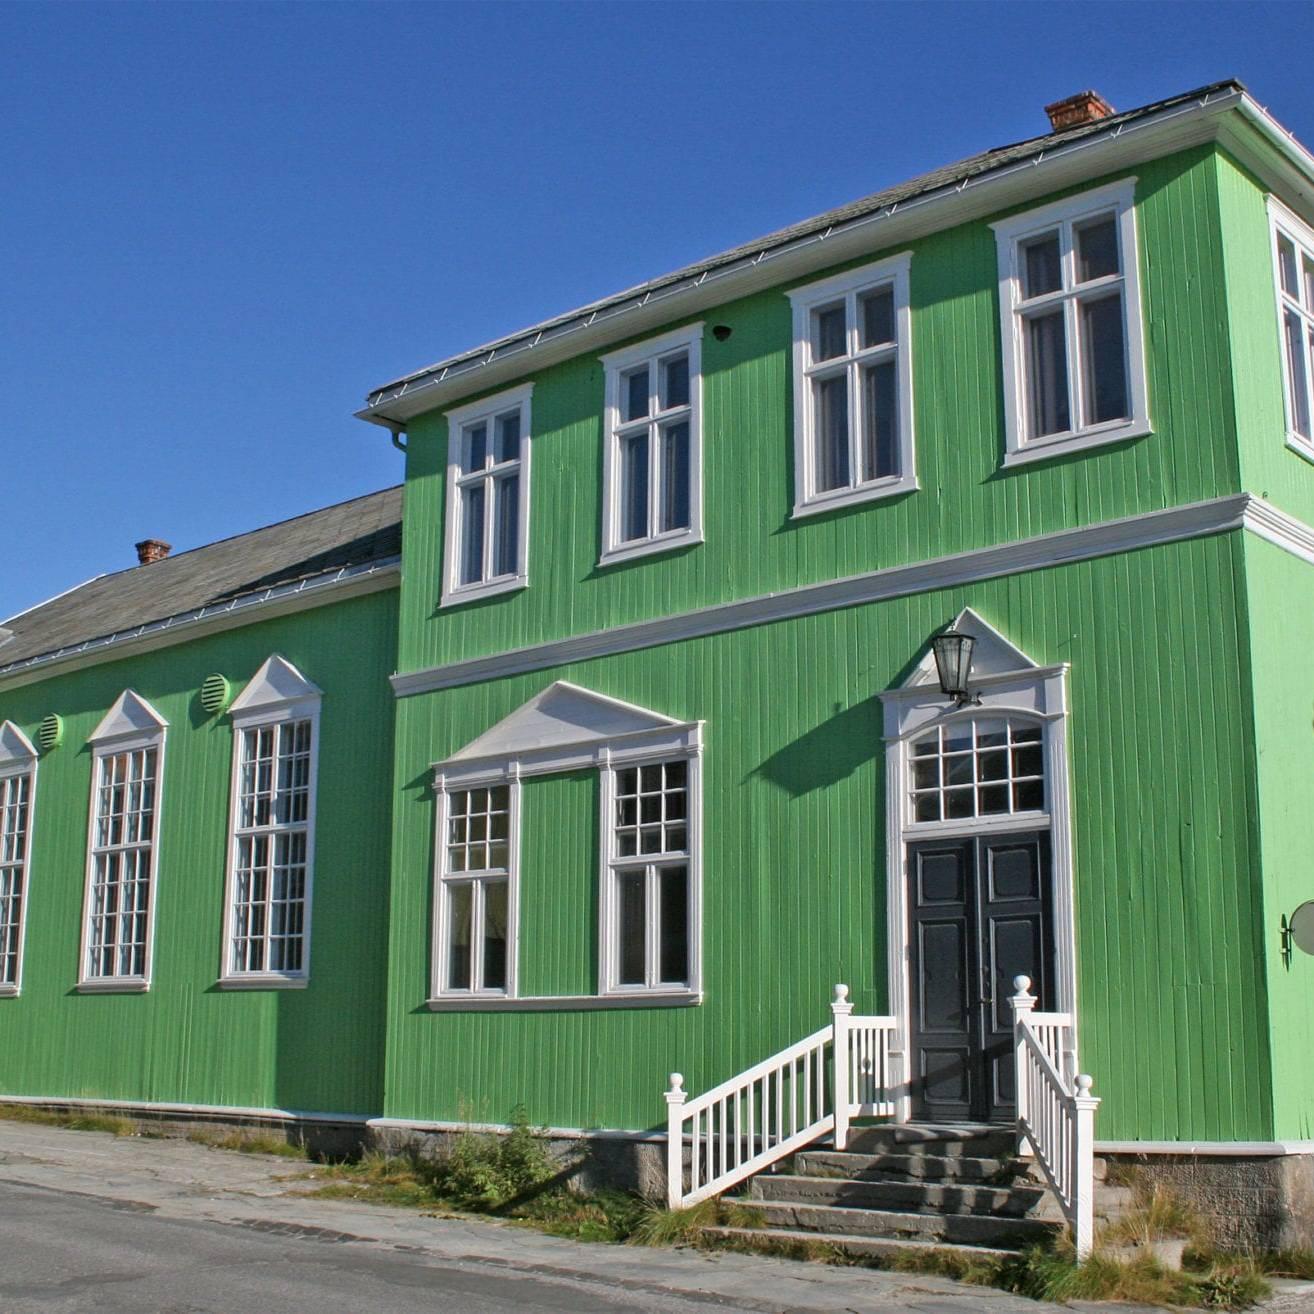 Sangerhuset på Røros. Bygningen ble oppført for Røros Sangforening i 1907. Foto: Lars Geithe, 2008